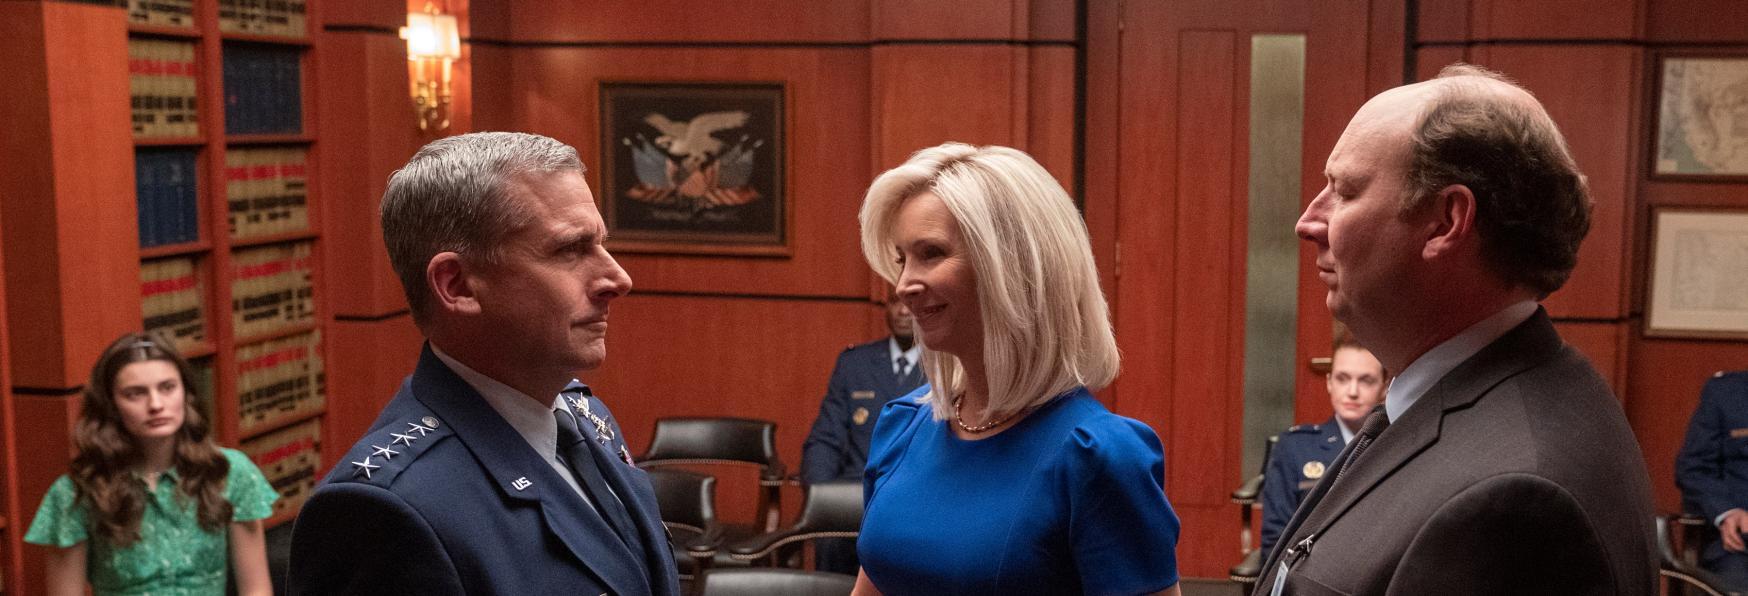 Space Force: l'esilarante Teaser Trailer della nuova Serie TV targata Netflix